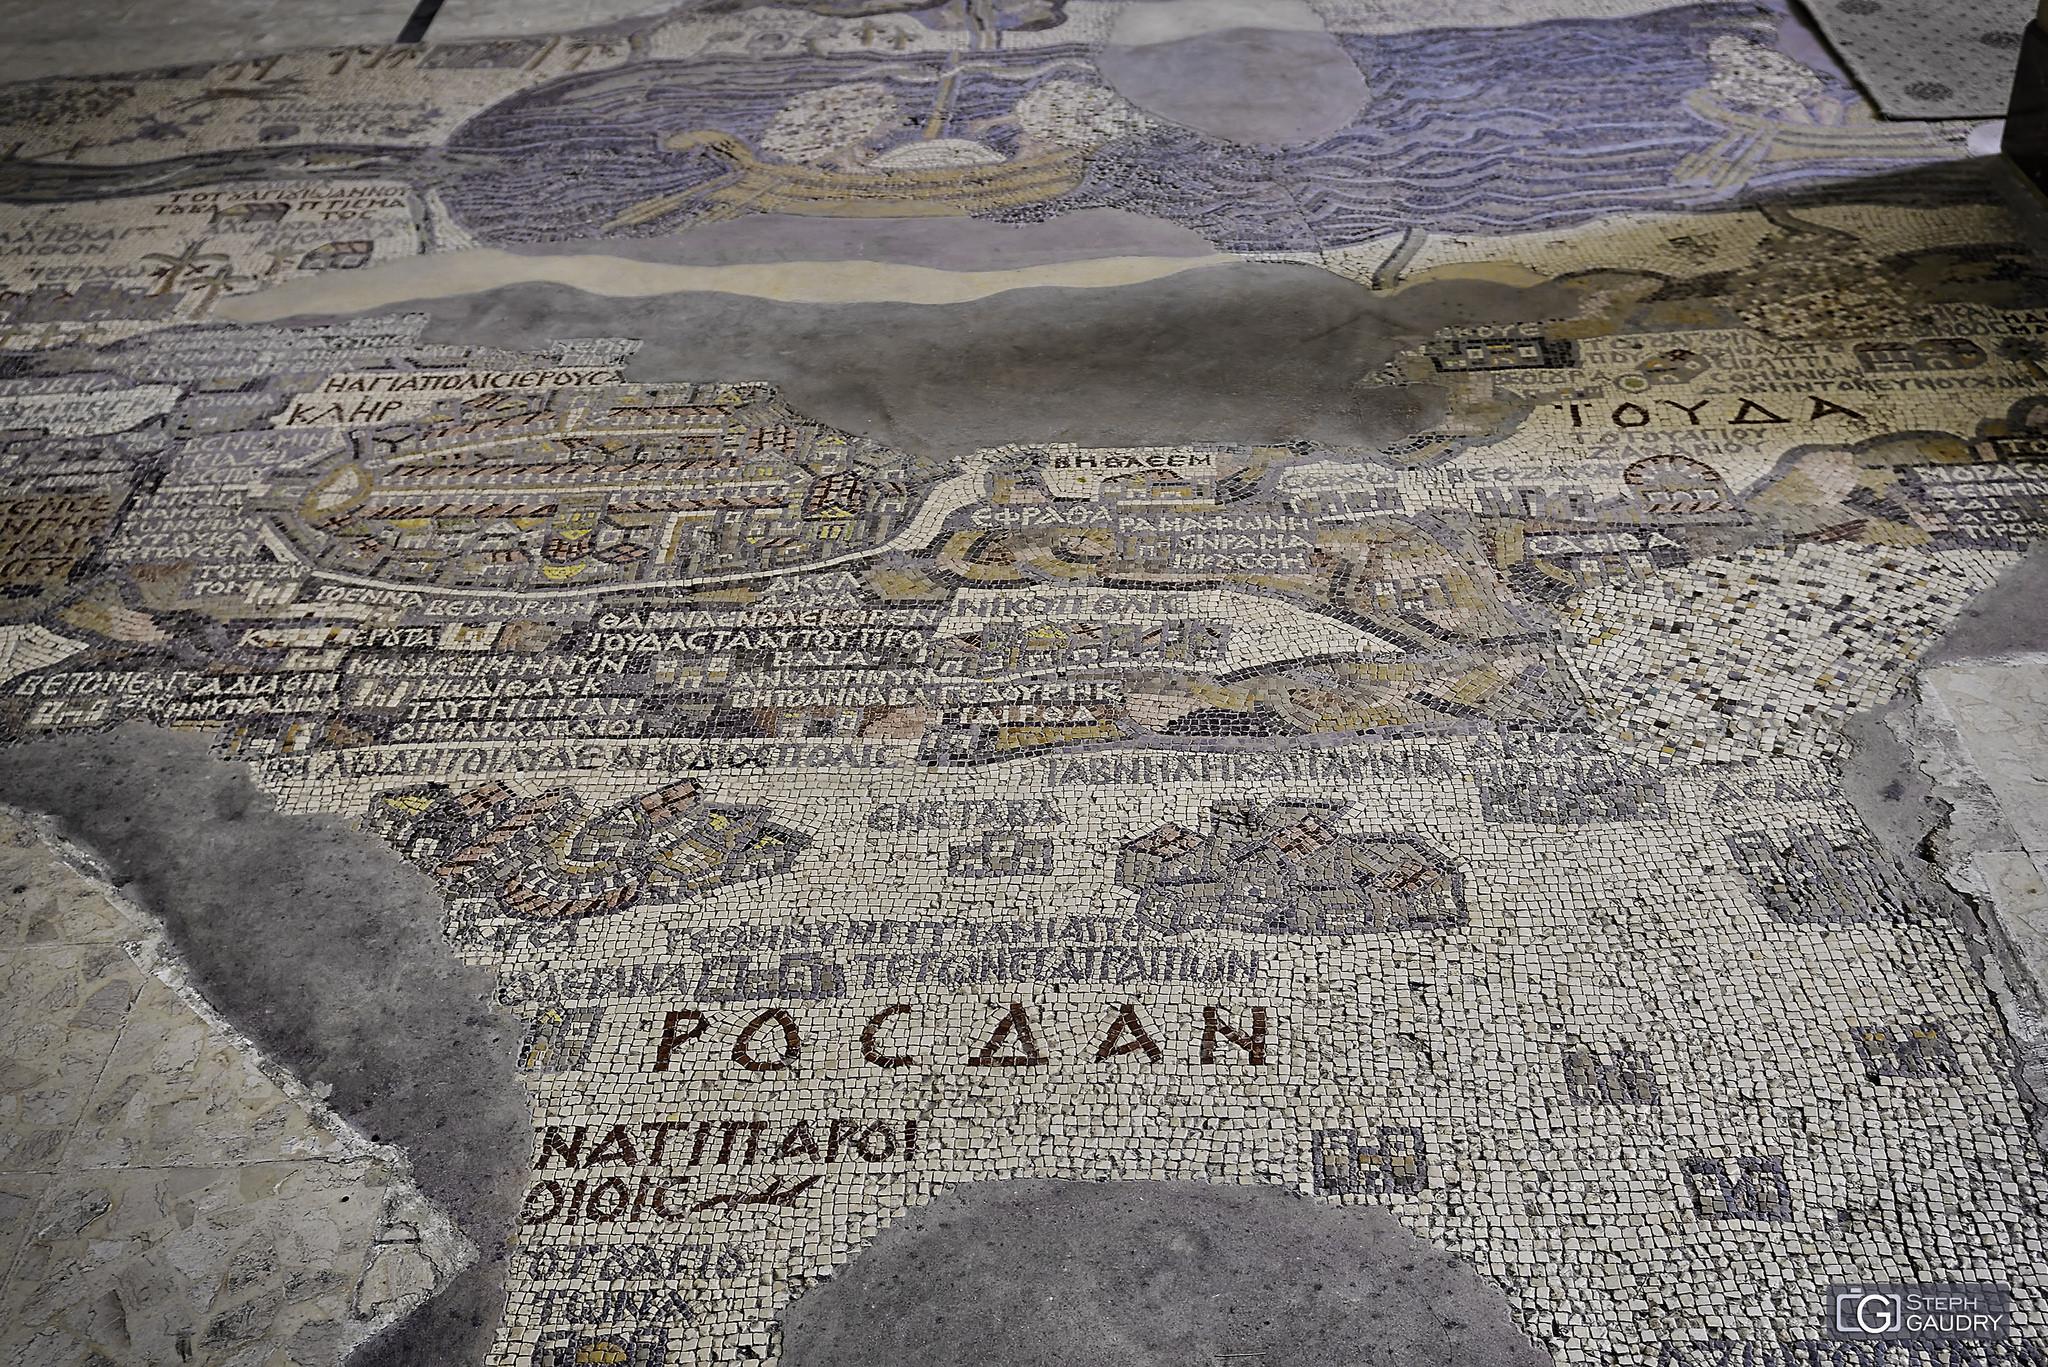 Mosaïque de la carte de Madaba [Klicken Sie hier, um die Diashow zu starten]